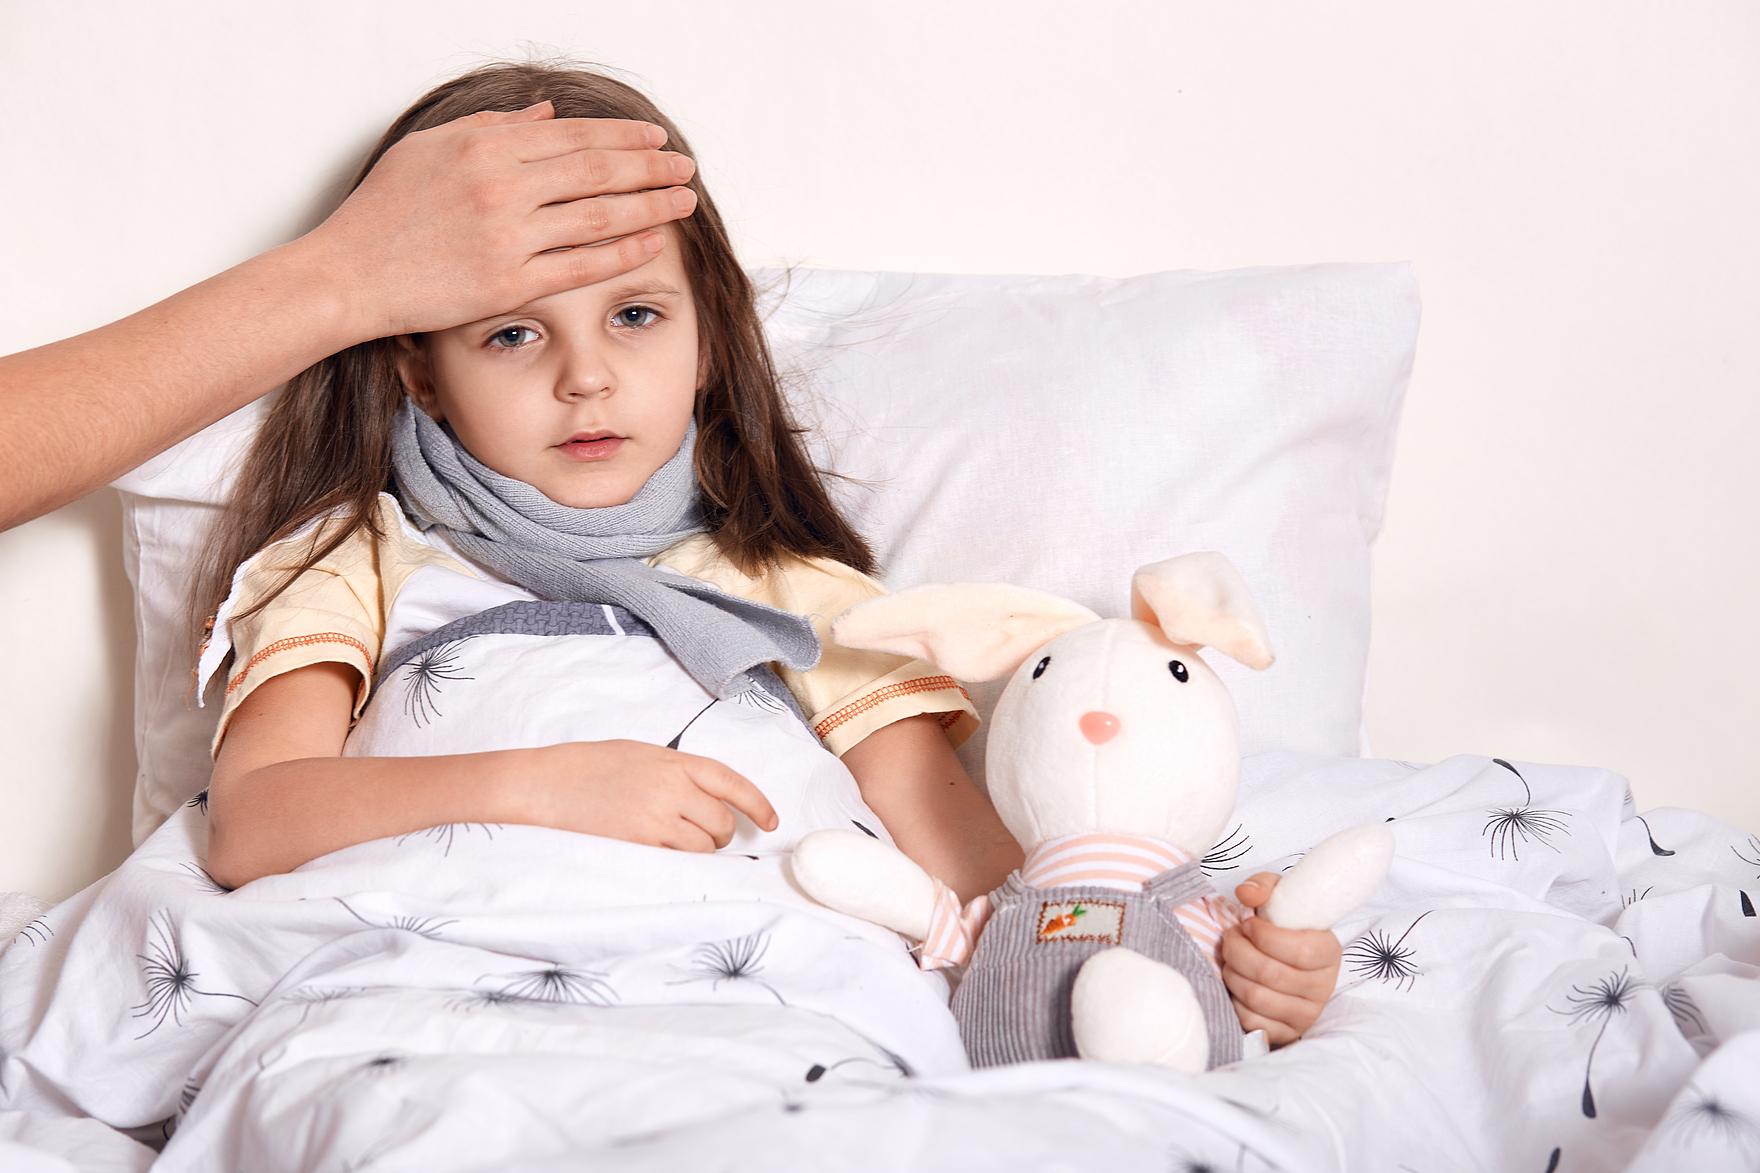 Trẻ có thể bị viêm amidan, ho... do nhiễm trùng hoặc di ứng thời tiết. Ảnh minh họa: Freepik